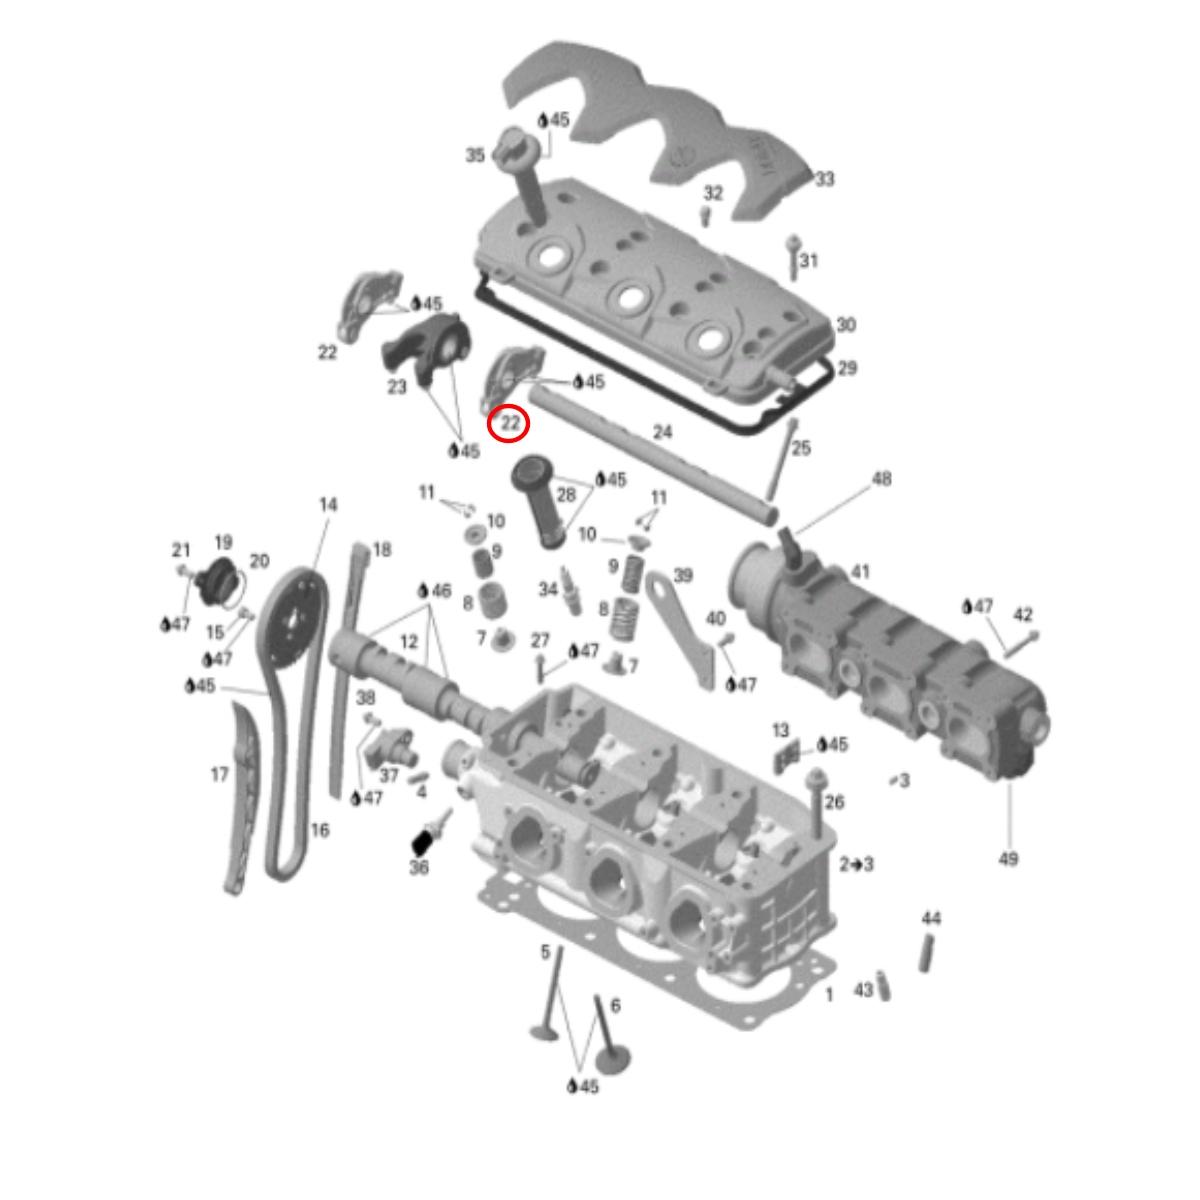 Balancinho Jet Ski Sea Doo 4 TEC Simples (6)  - Radical Peças - Peças para Jet Ski